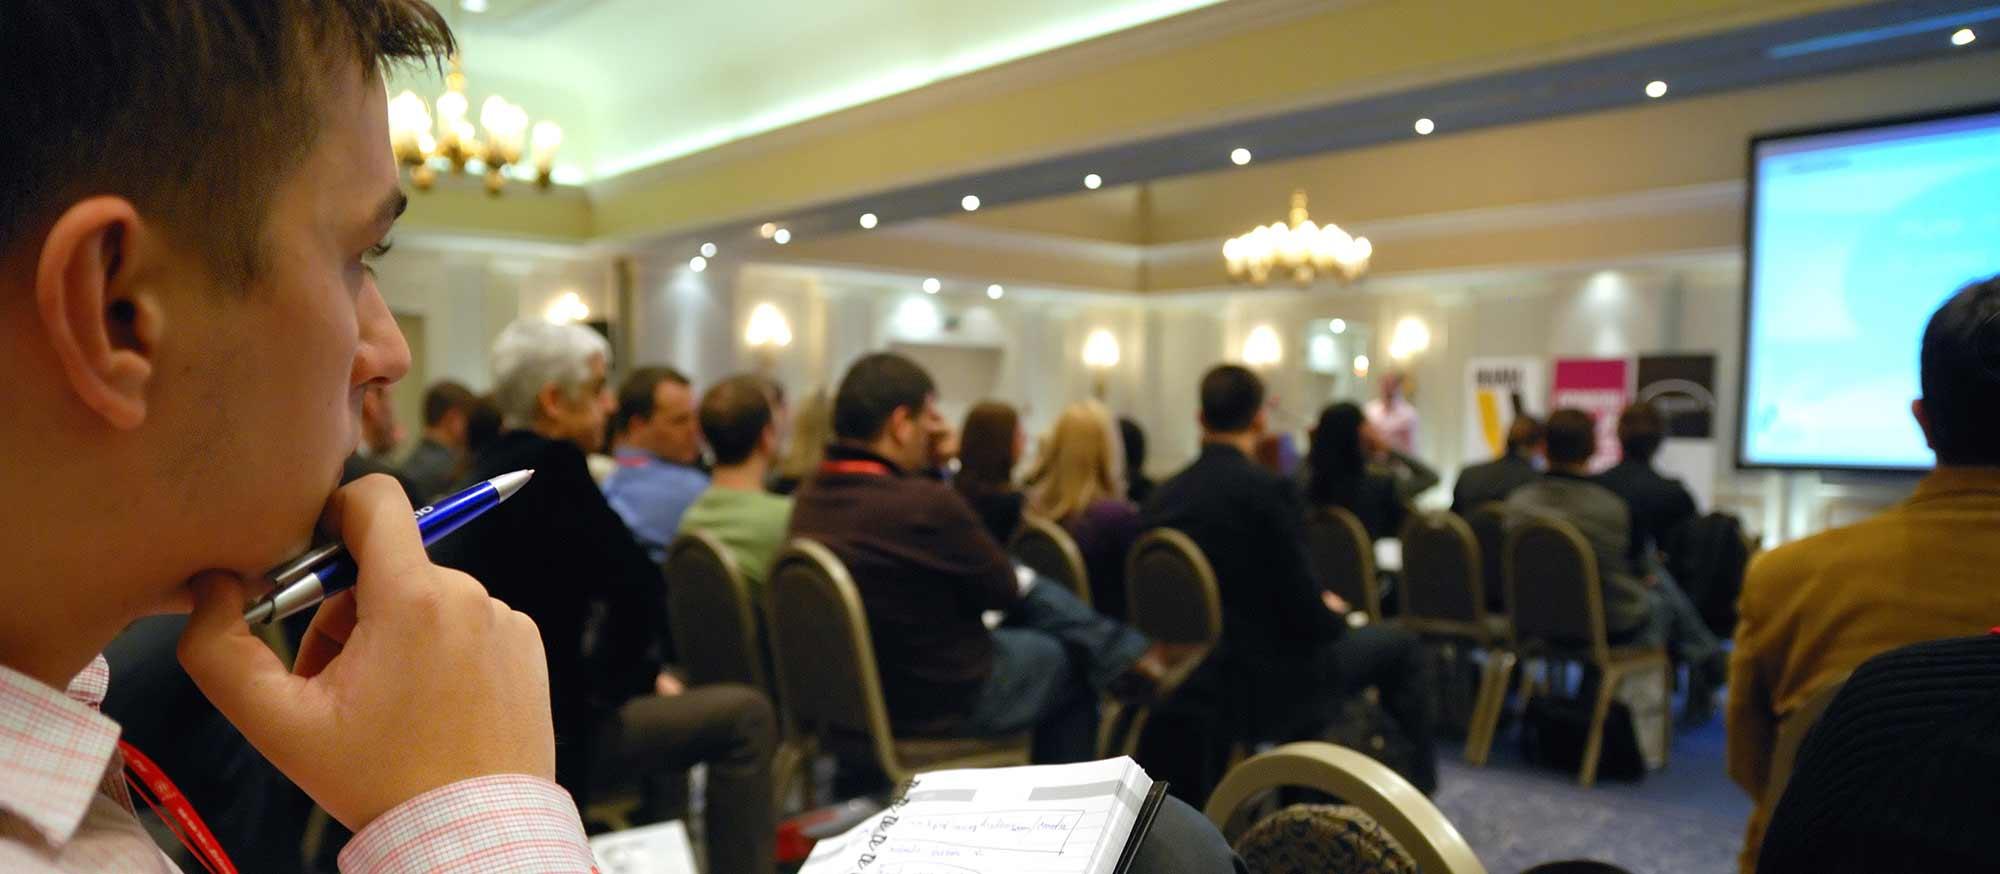 Sales-meeting-planning.jpg